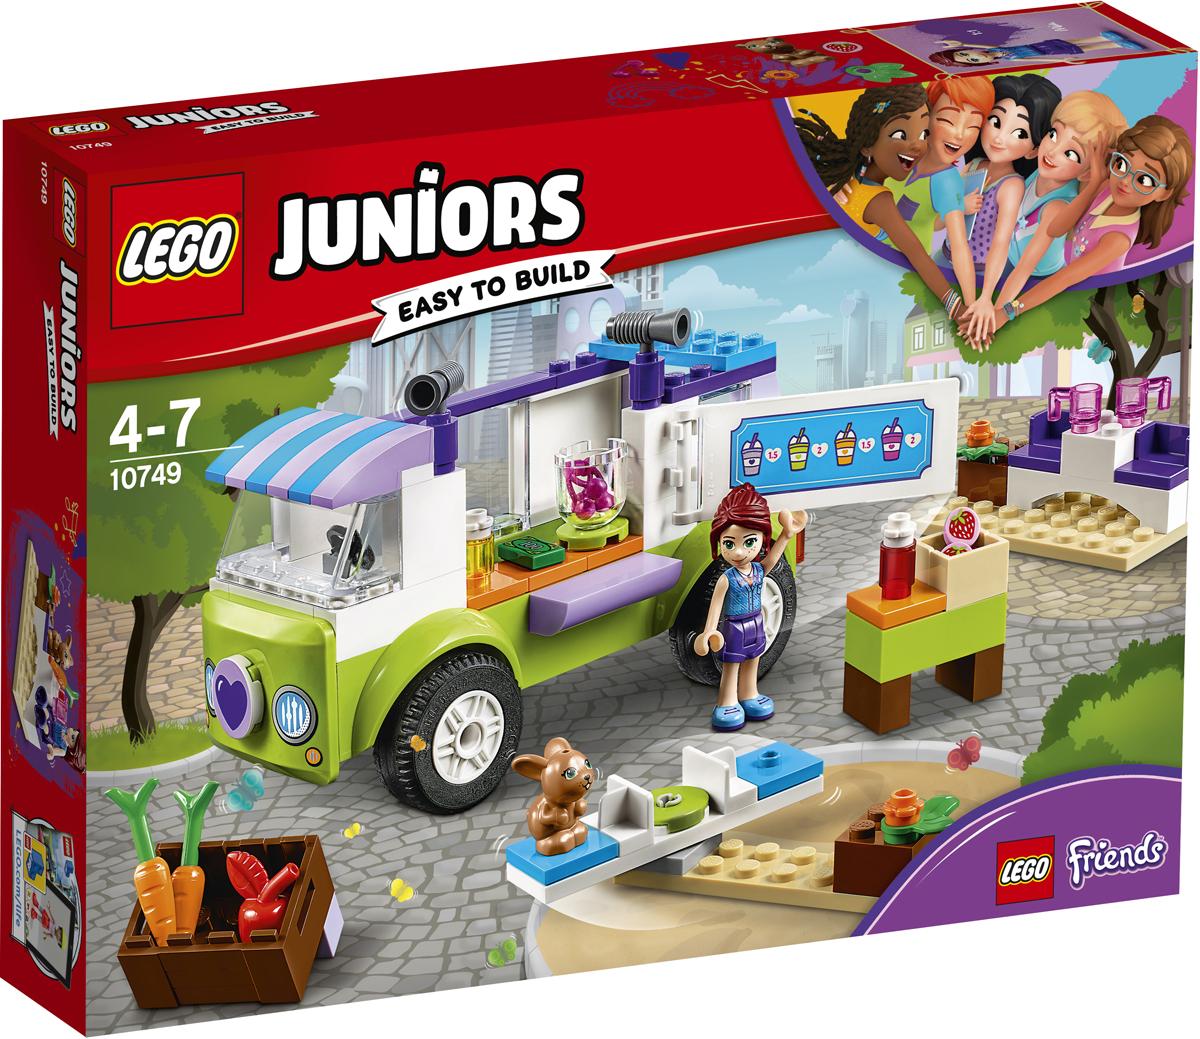 LEGO Juniors Конструктор Рынок органических продуктов 10749 конструктор lego juniors ветеринарная клиника мии 10728